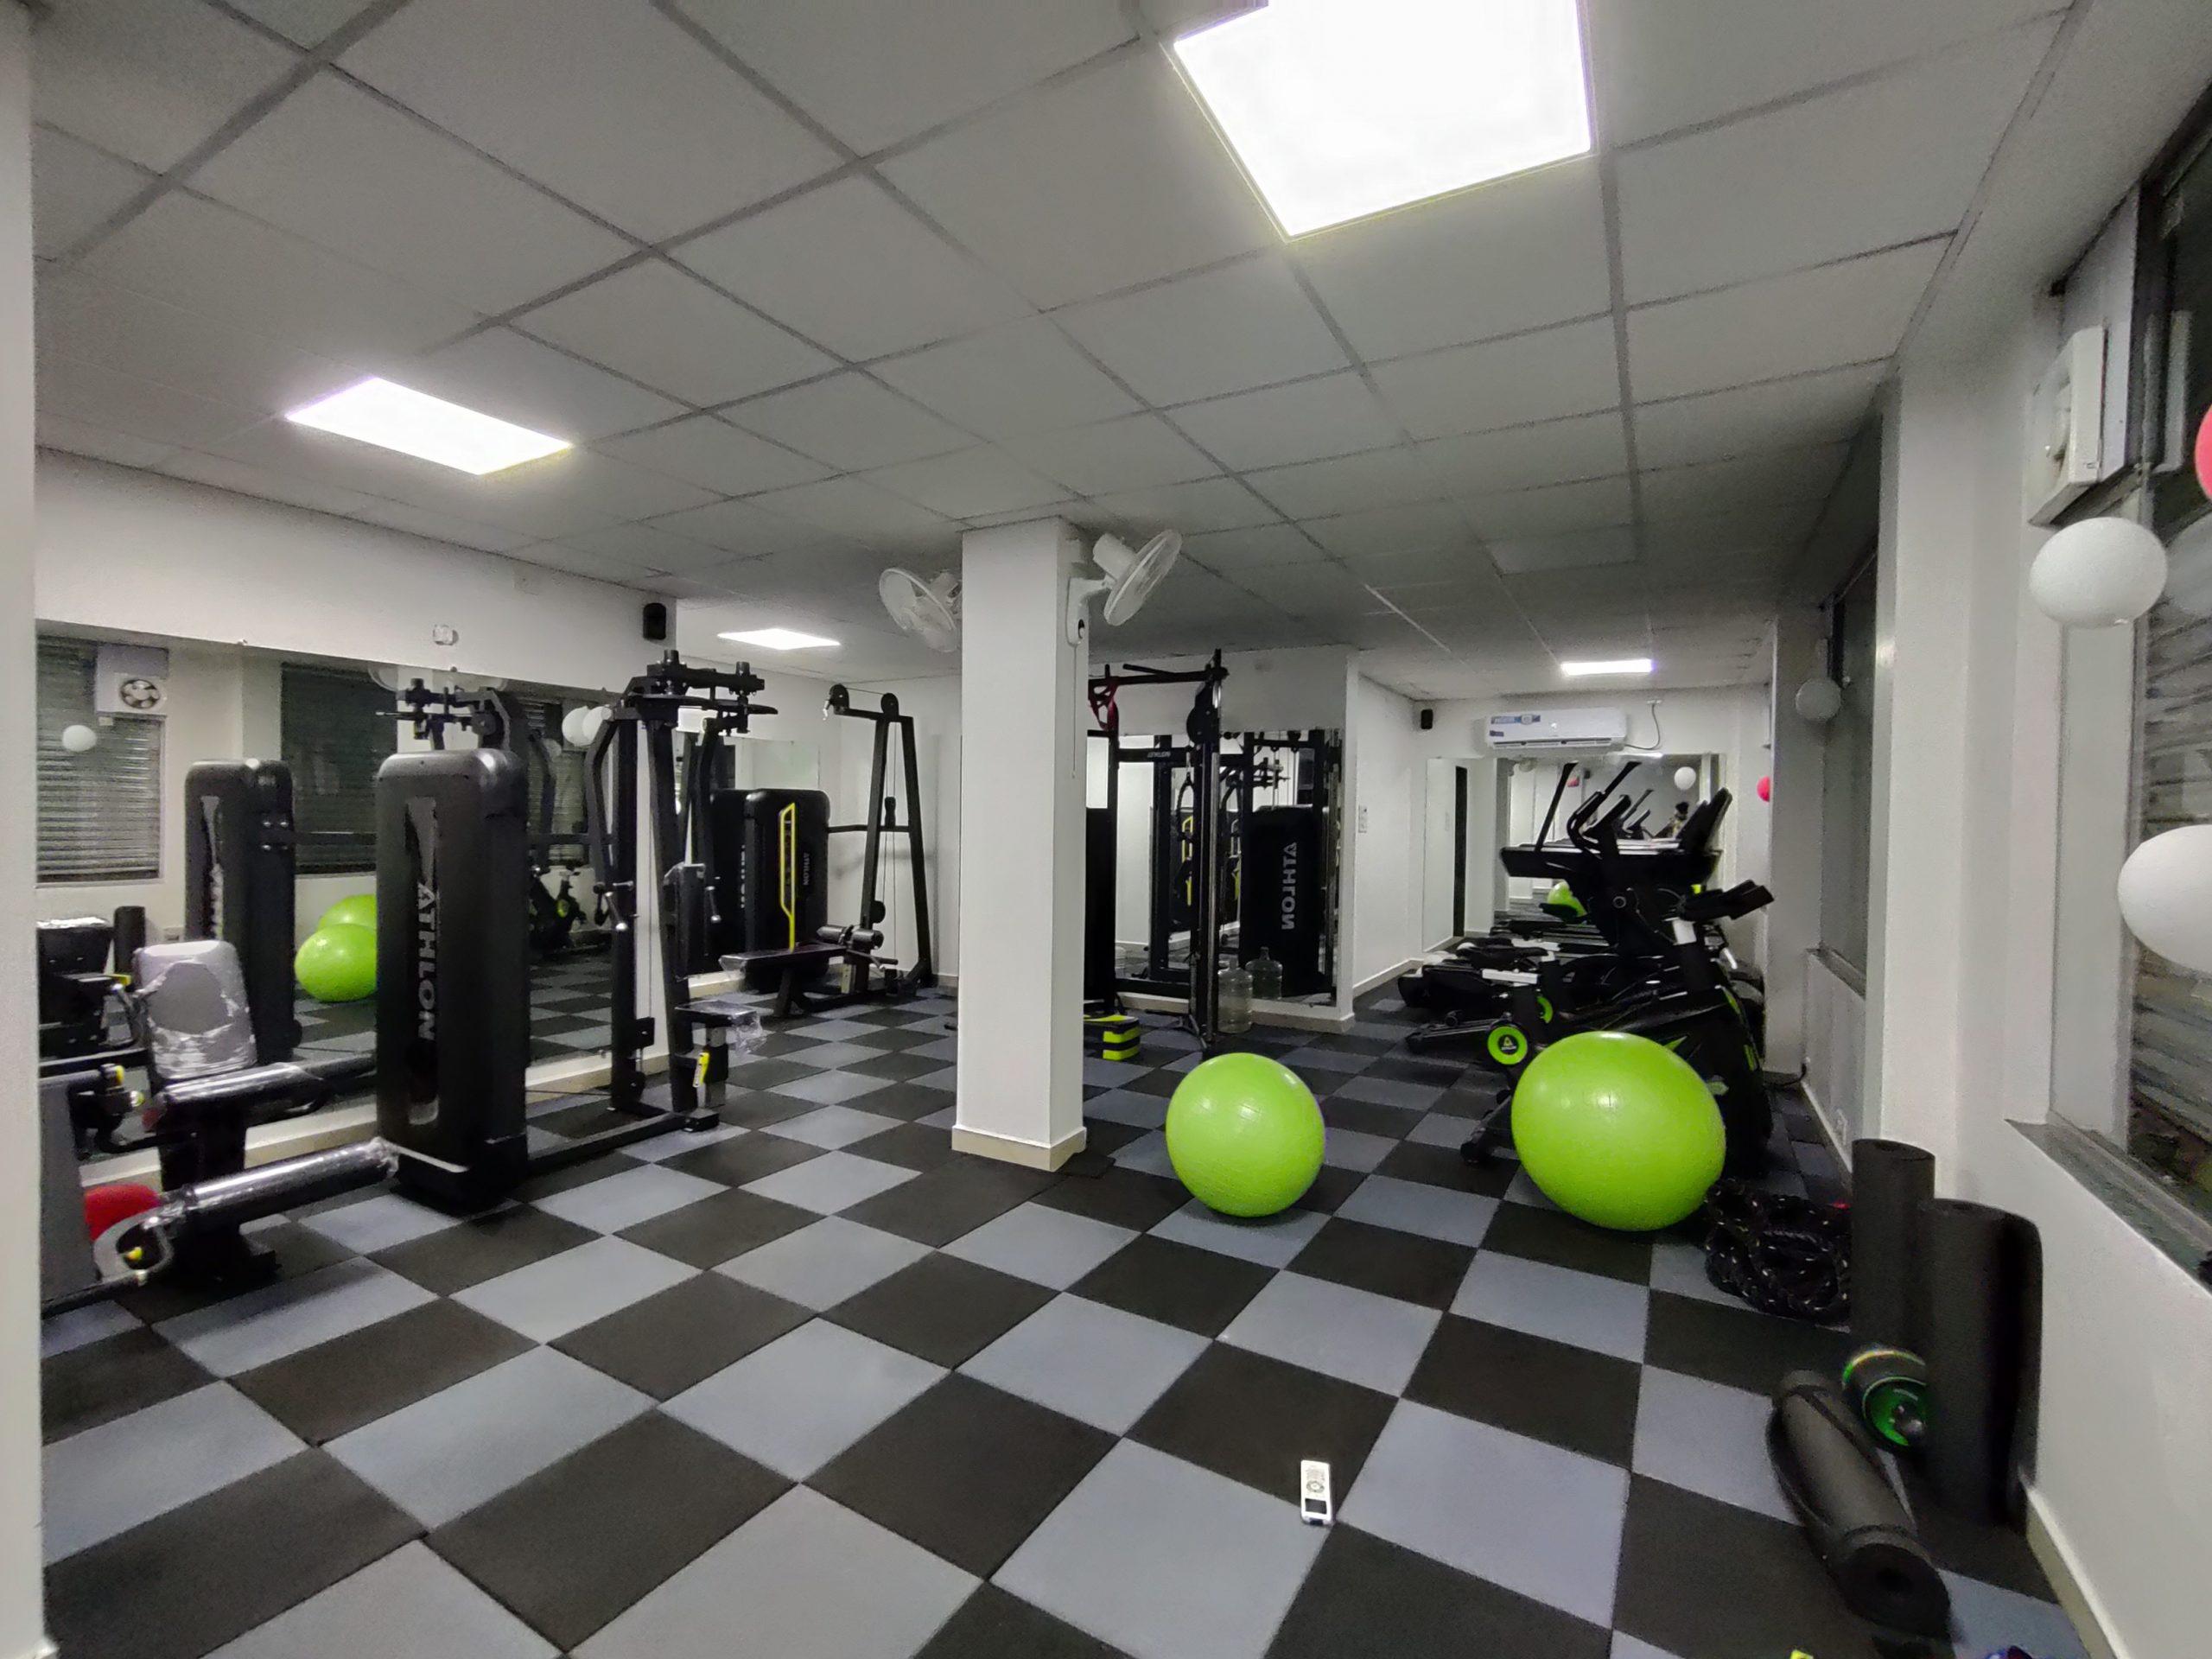 Interior of a Gym